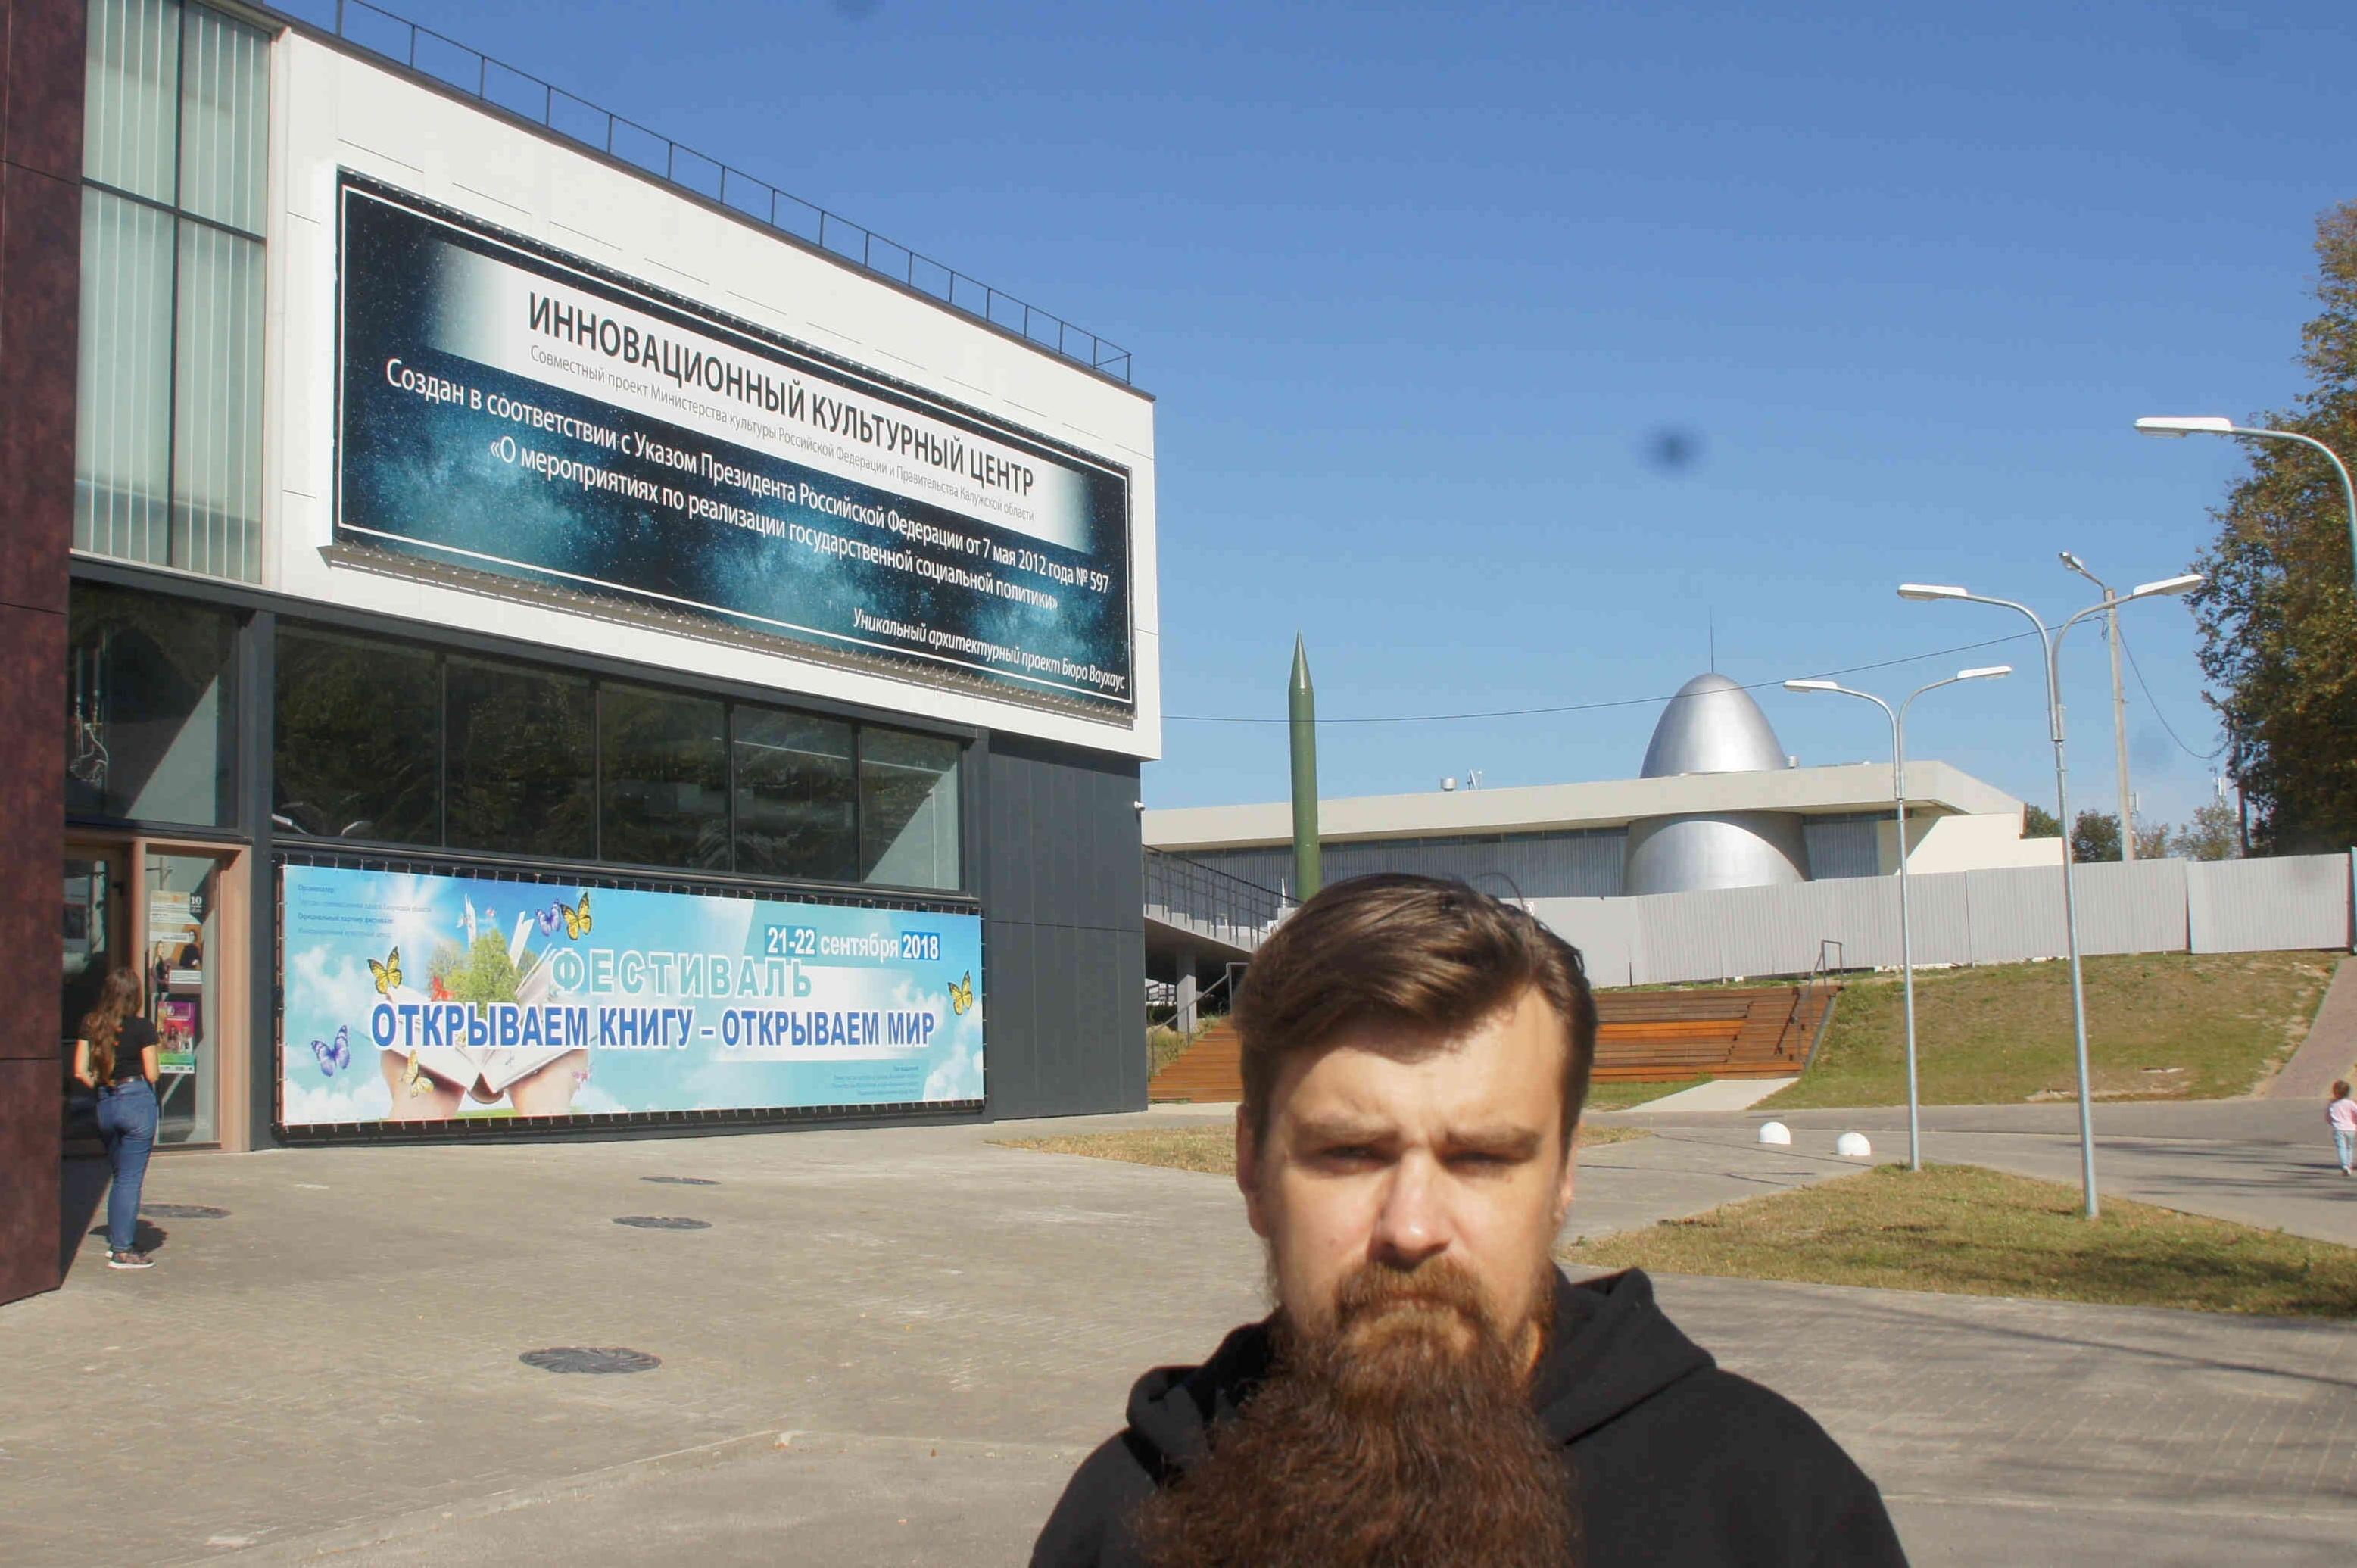 место заседаний – Инновационный культурный центр в Калуге